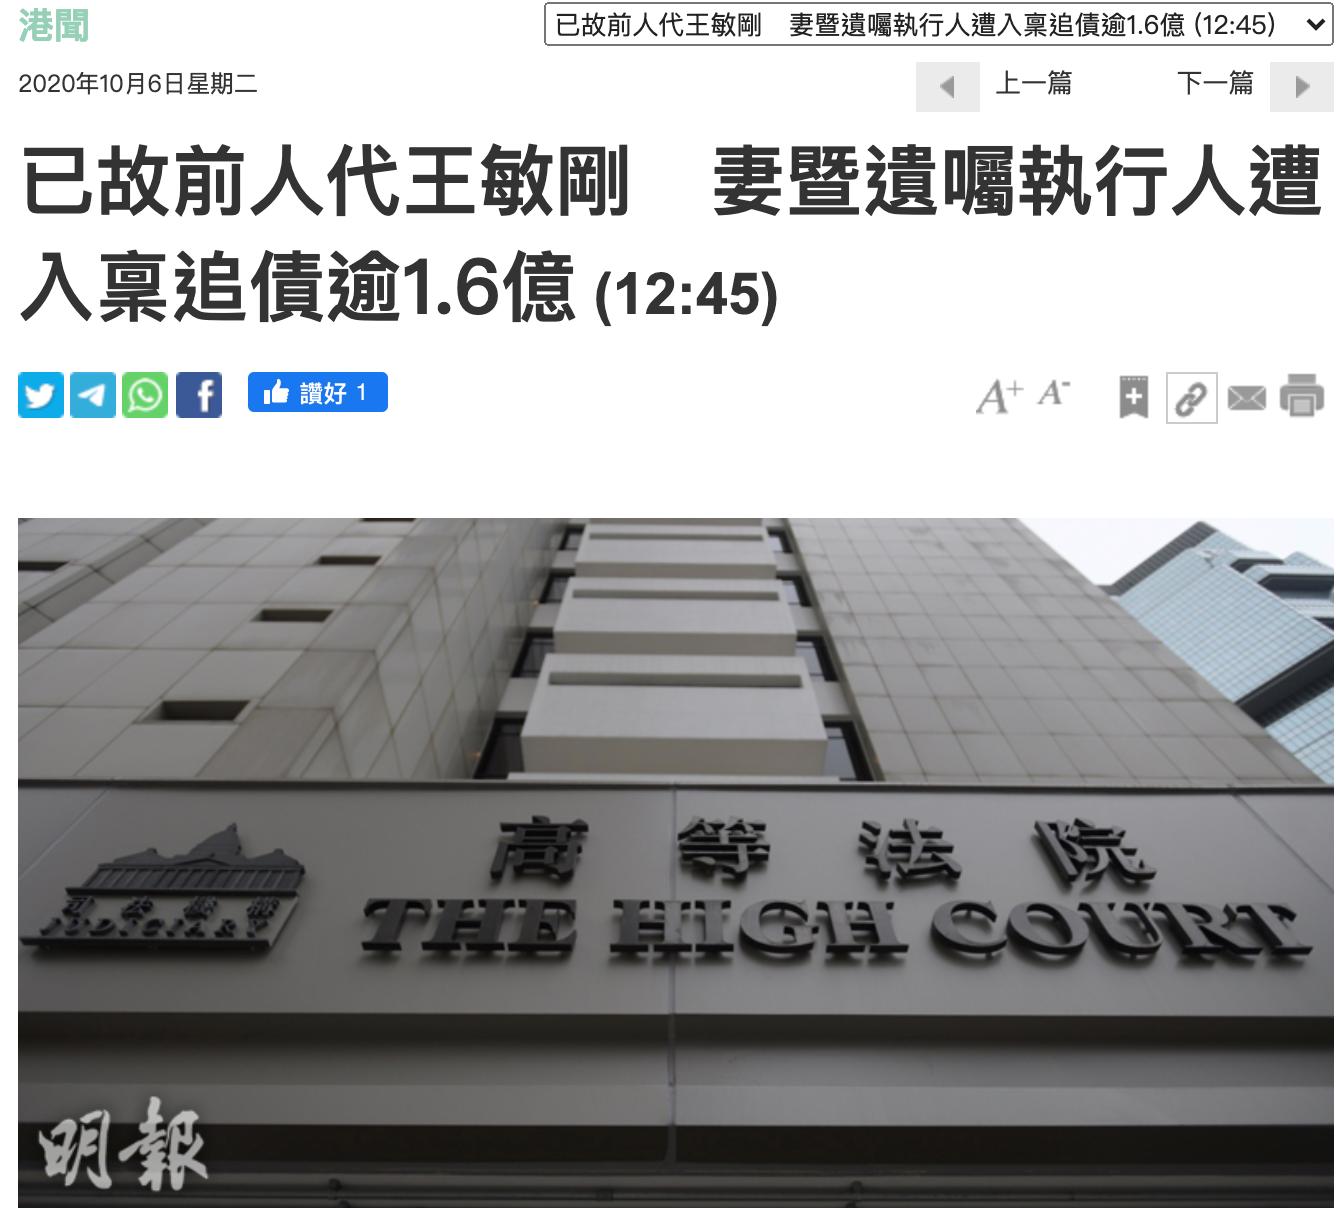 遺產稅-遺產-遺產承辦書-遺囑認證-遺囑執行人-遺產管理人-法透-LegalClarus-法律諮詢-香港律師-法律問題